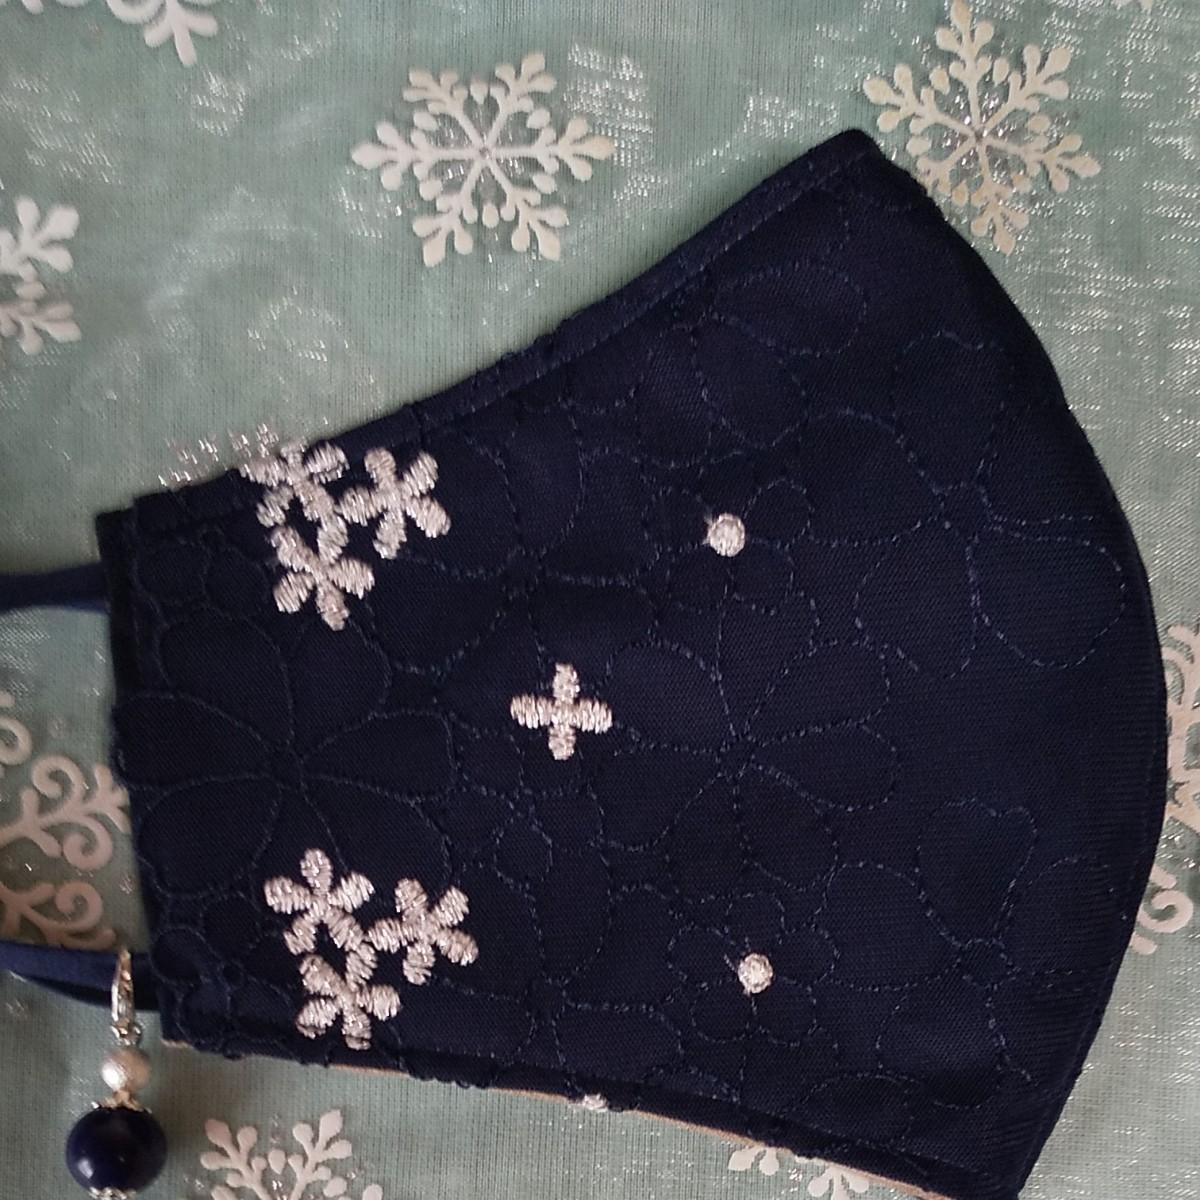 立体インナーハンドメイド、綿ガーゼ、チュール刺繍レース(ネイビー×ネイビーシルバーお花刺繍)(普通サイズ)アジャスター付チャーム付